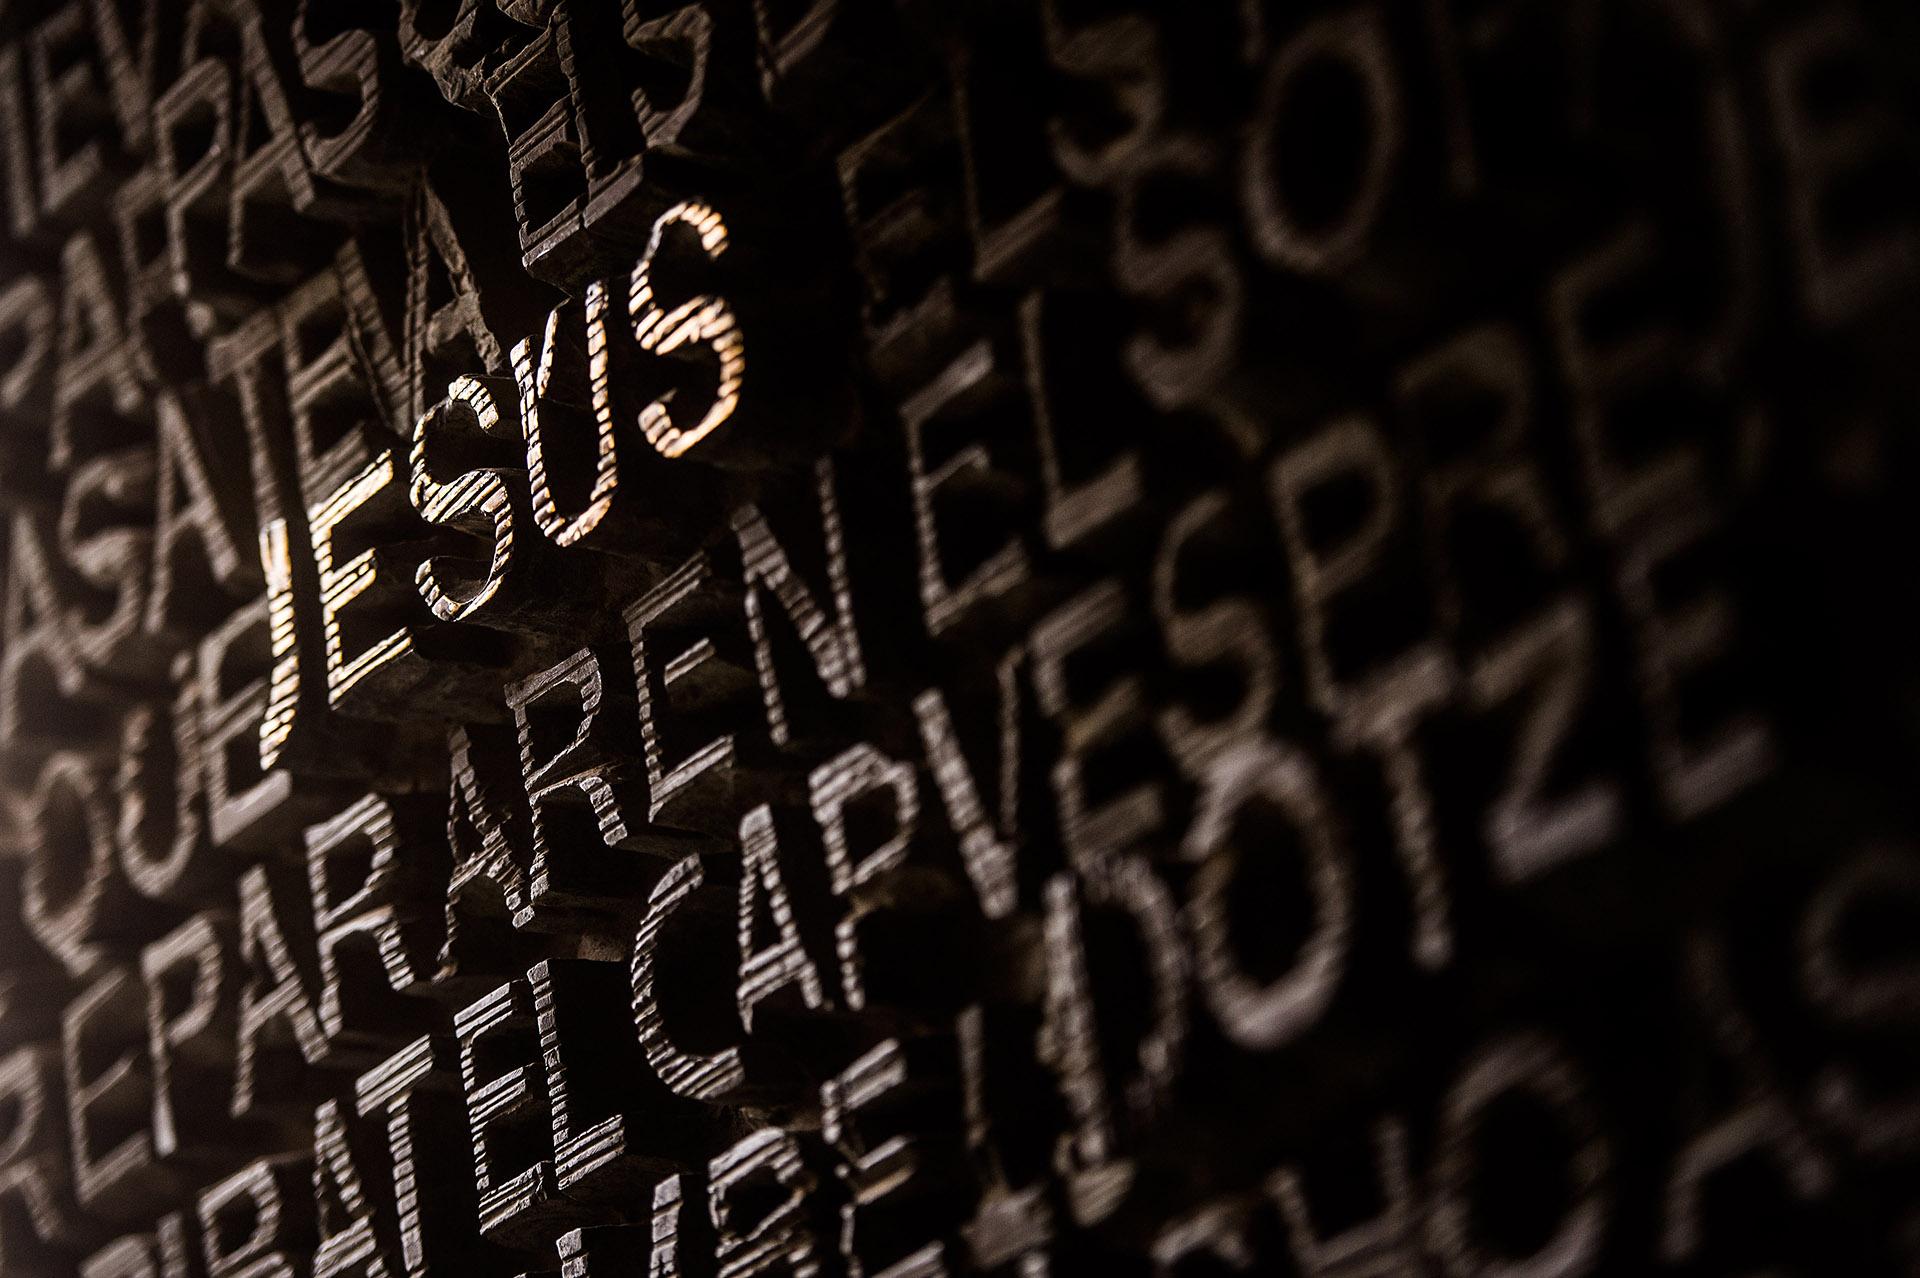 El nombre de Jesús se lee en la entrada de la fachada de las Pasiones